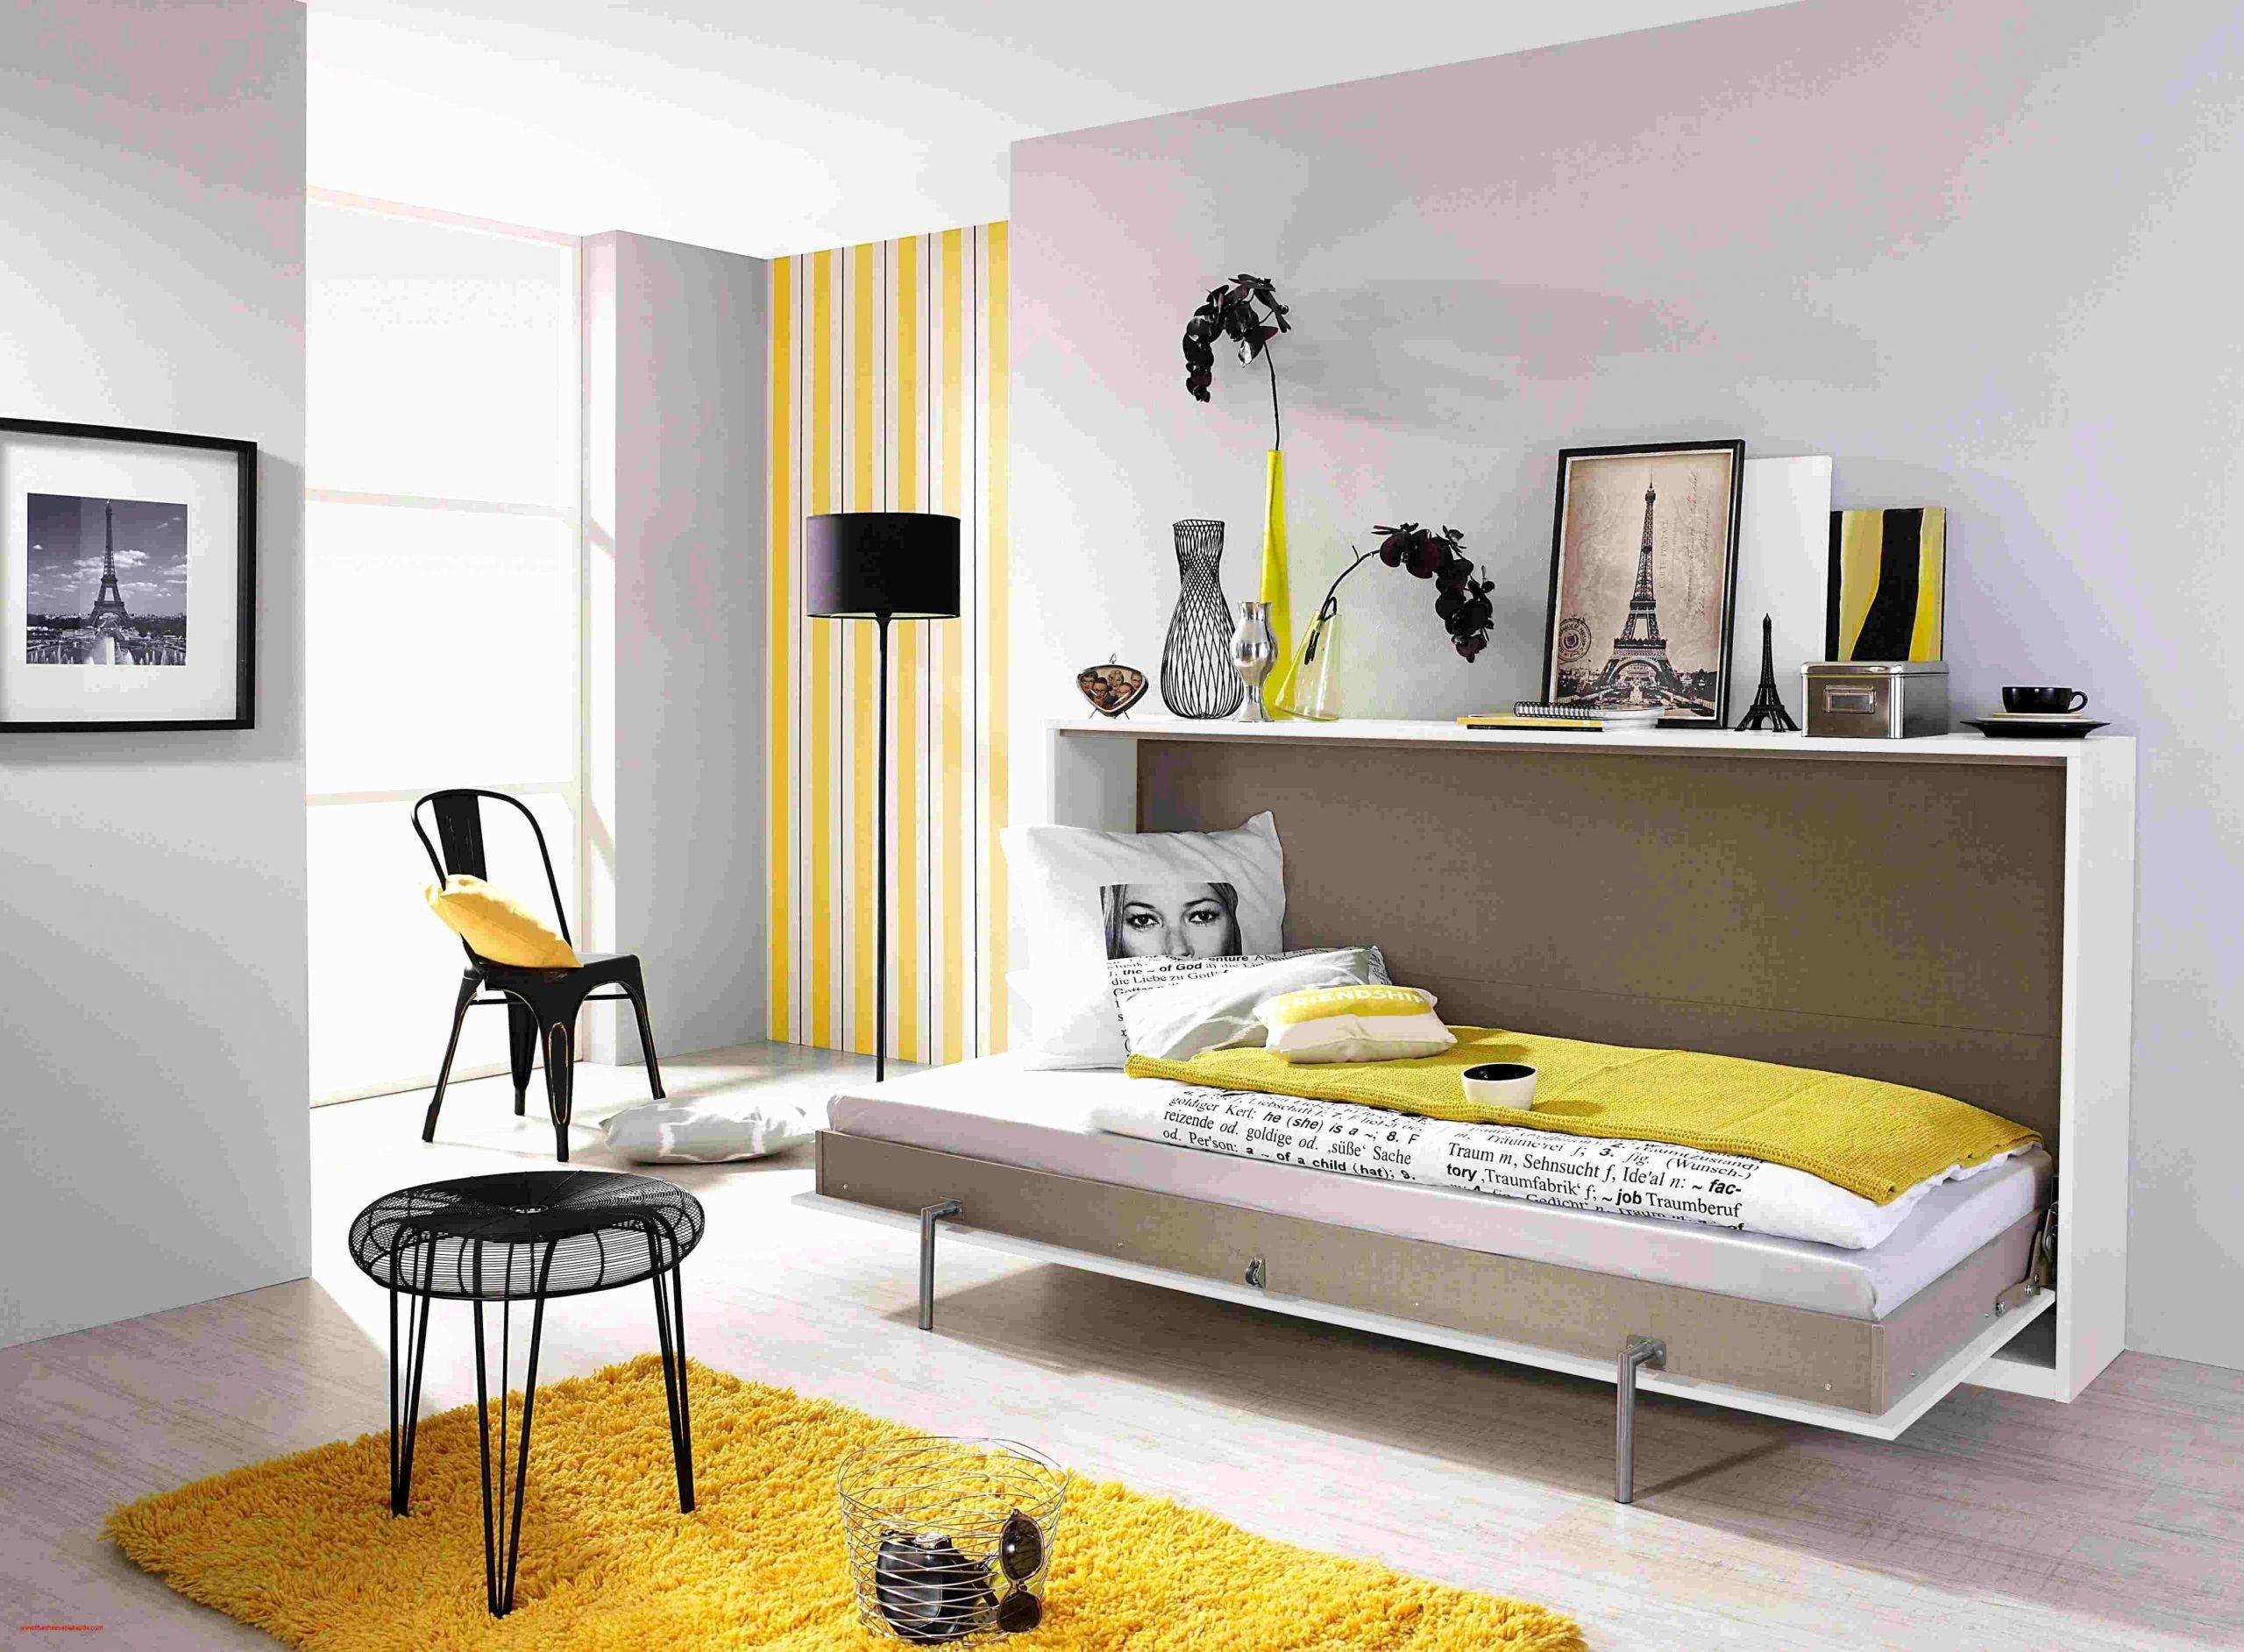 wohnen und dekorieren frisch 50 beste von wohnen und dekorieren ideen of wohnen und dekorieren